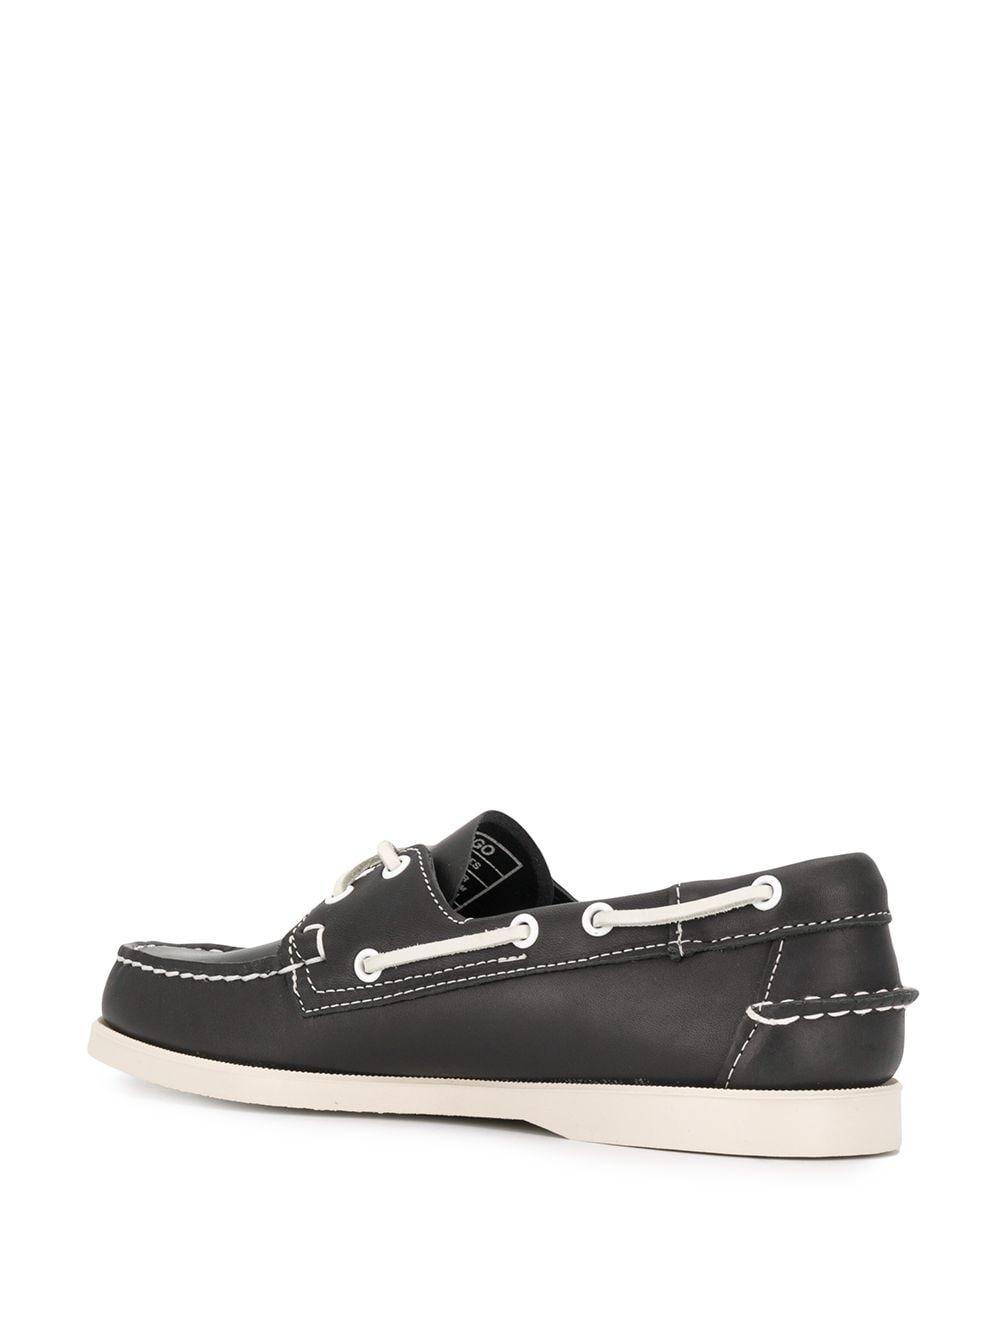 Sebago dockside loafers man black SEBAGO | Loafers | 7000H00908